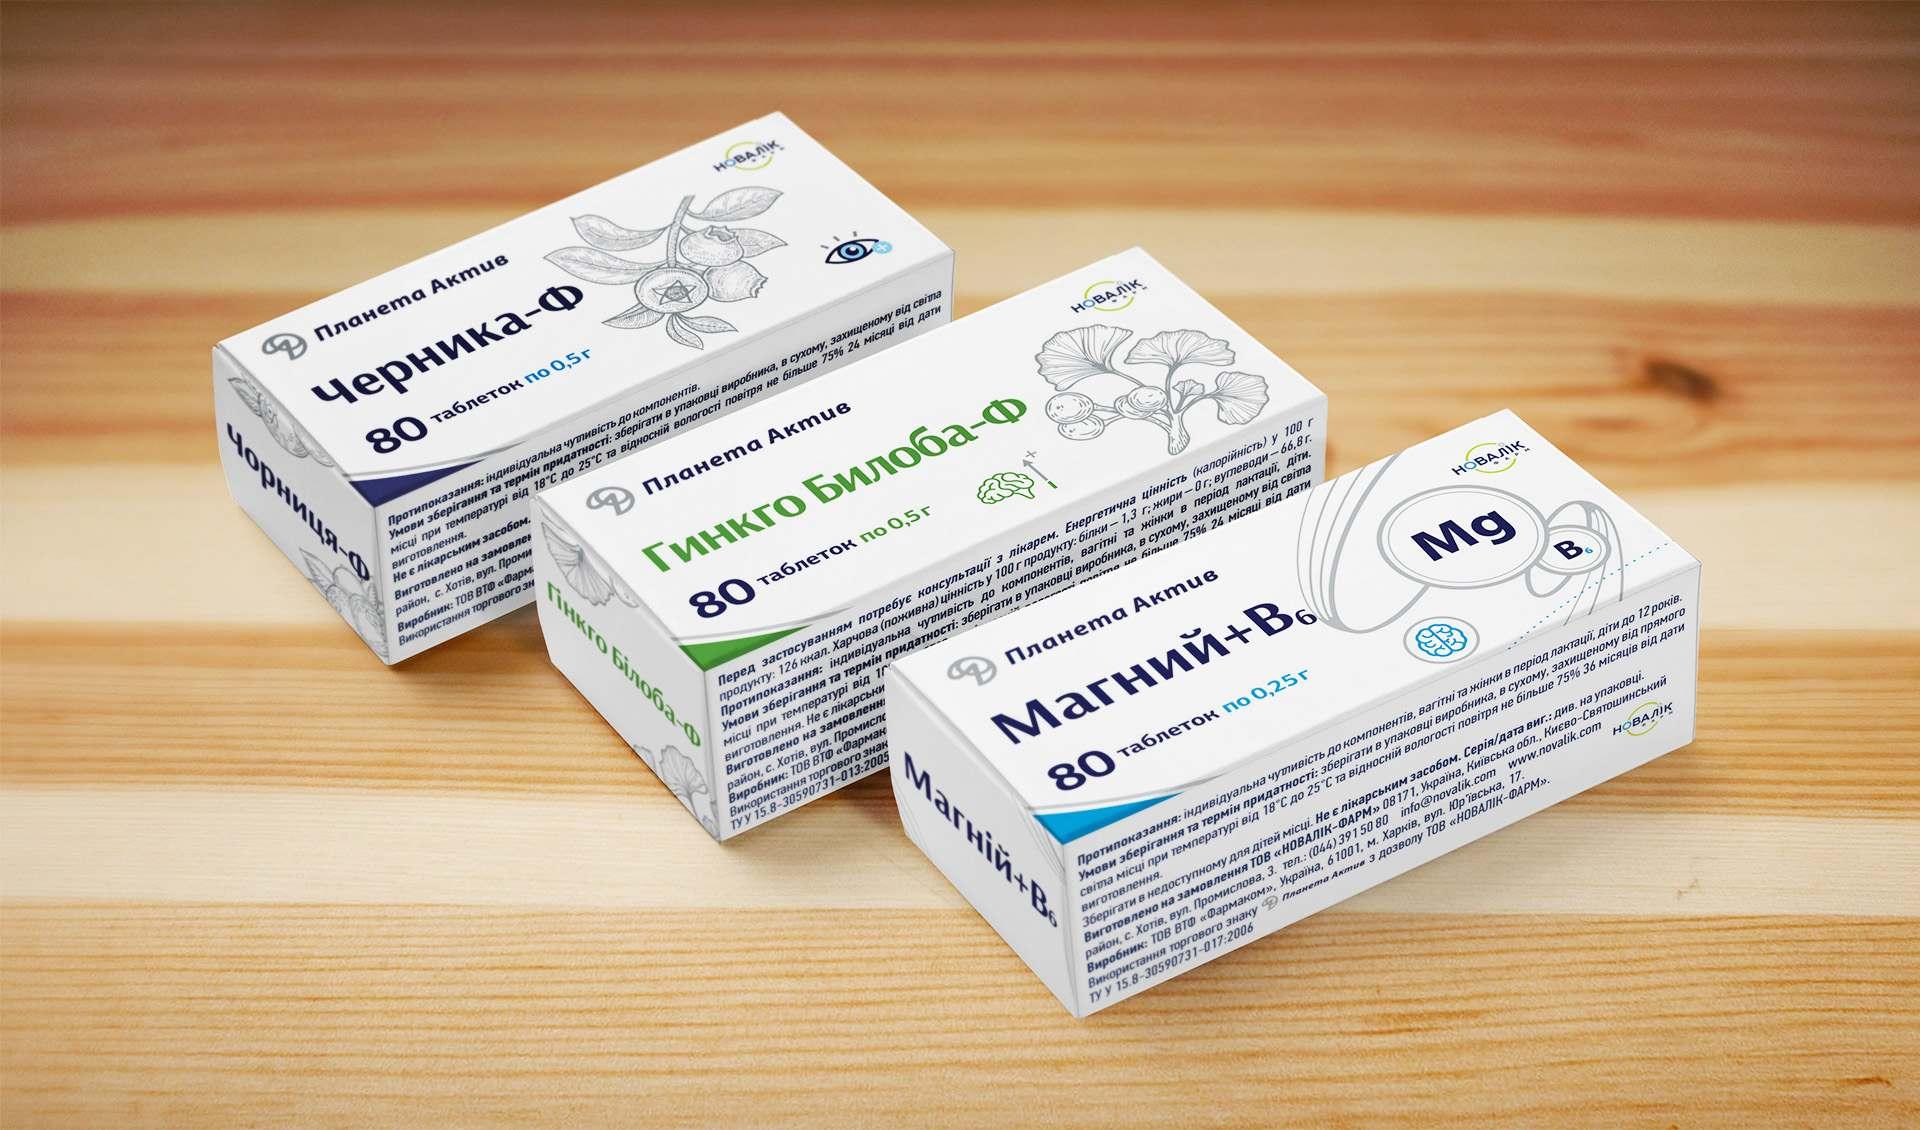 Магний Гингко Билоба Черника - создание медицинской упаковки